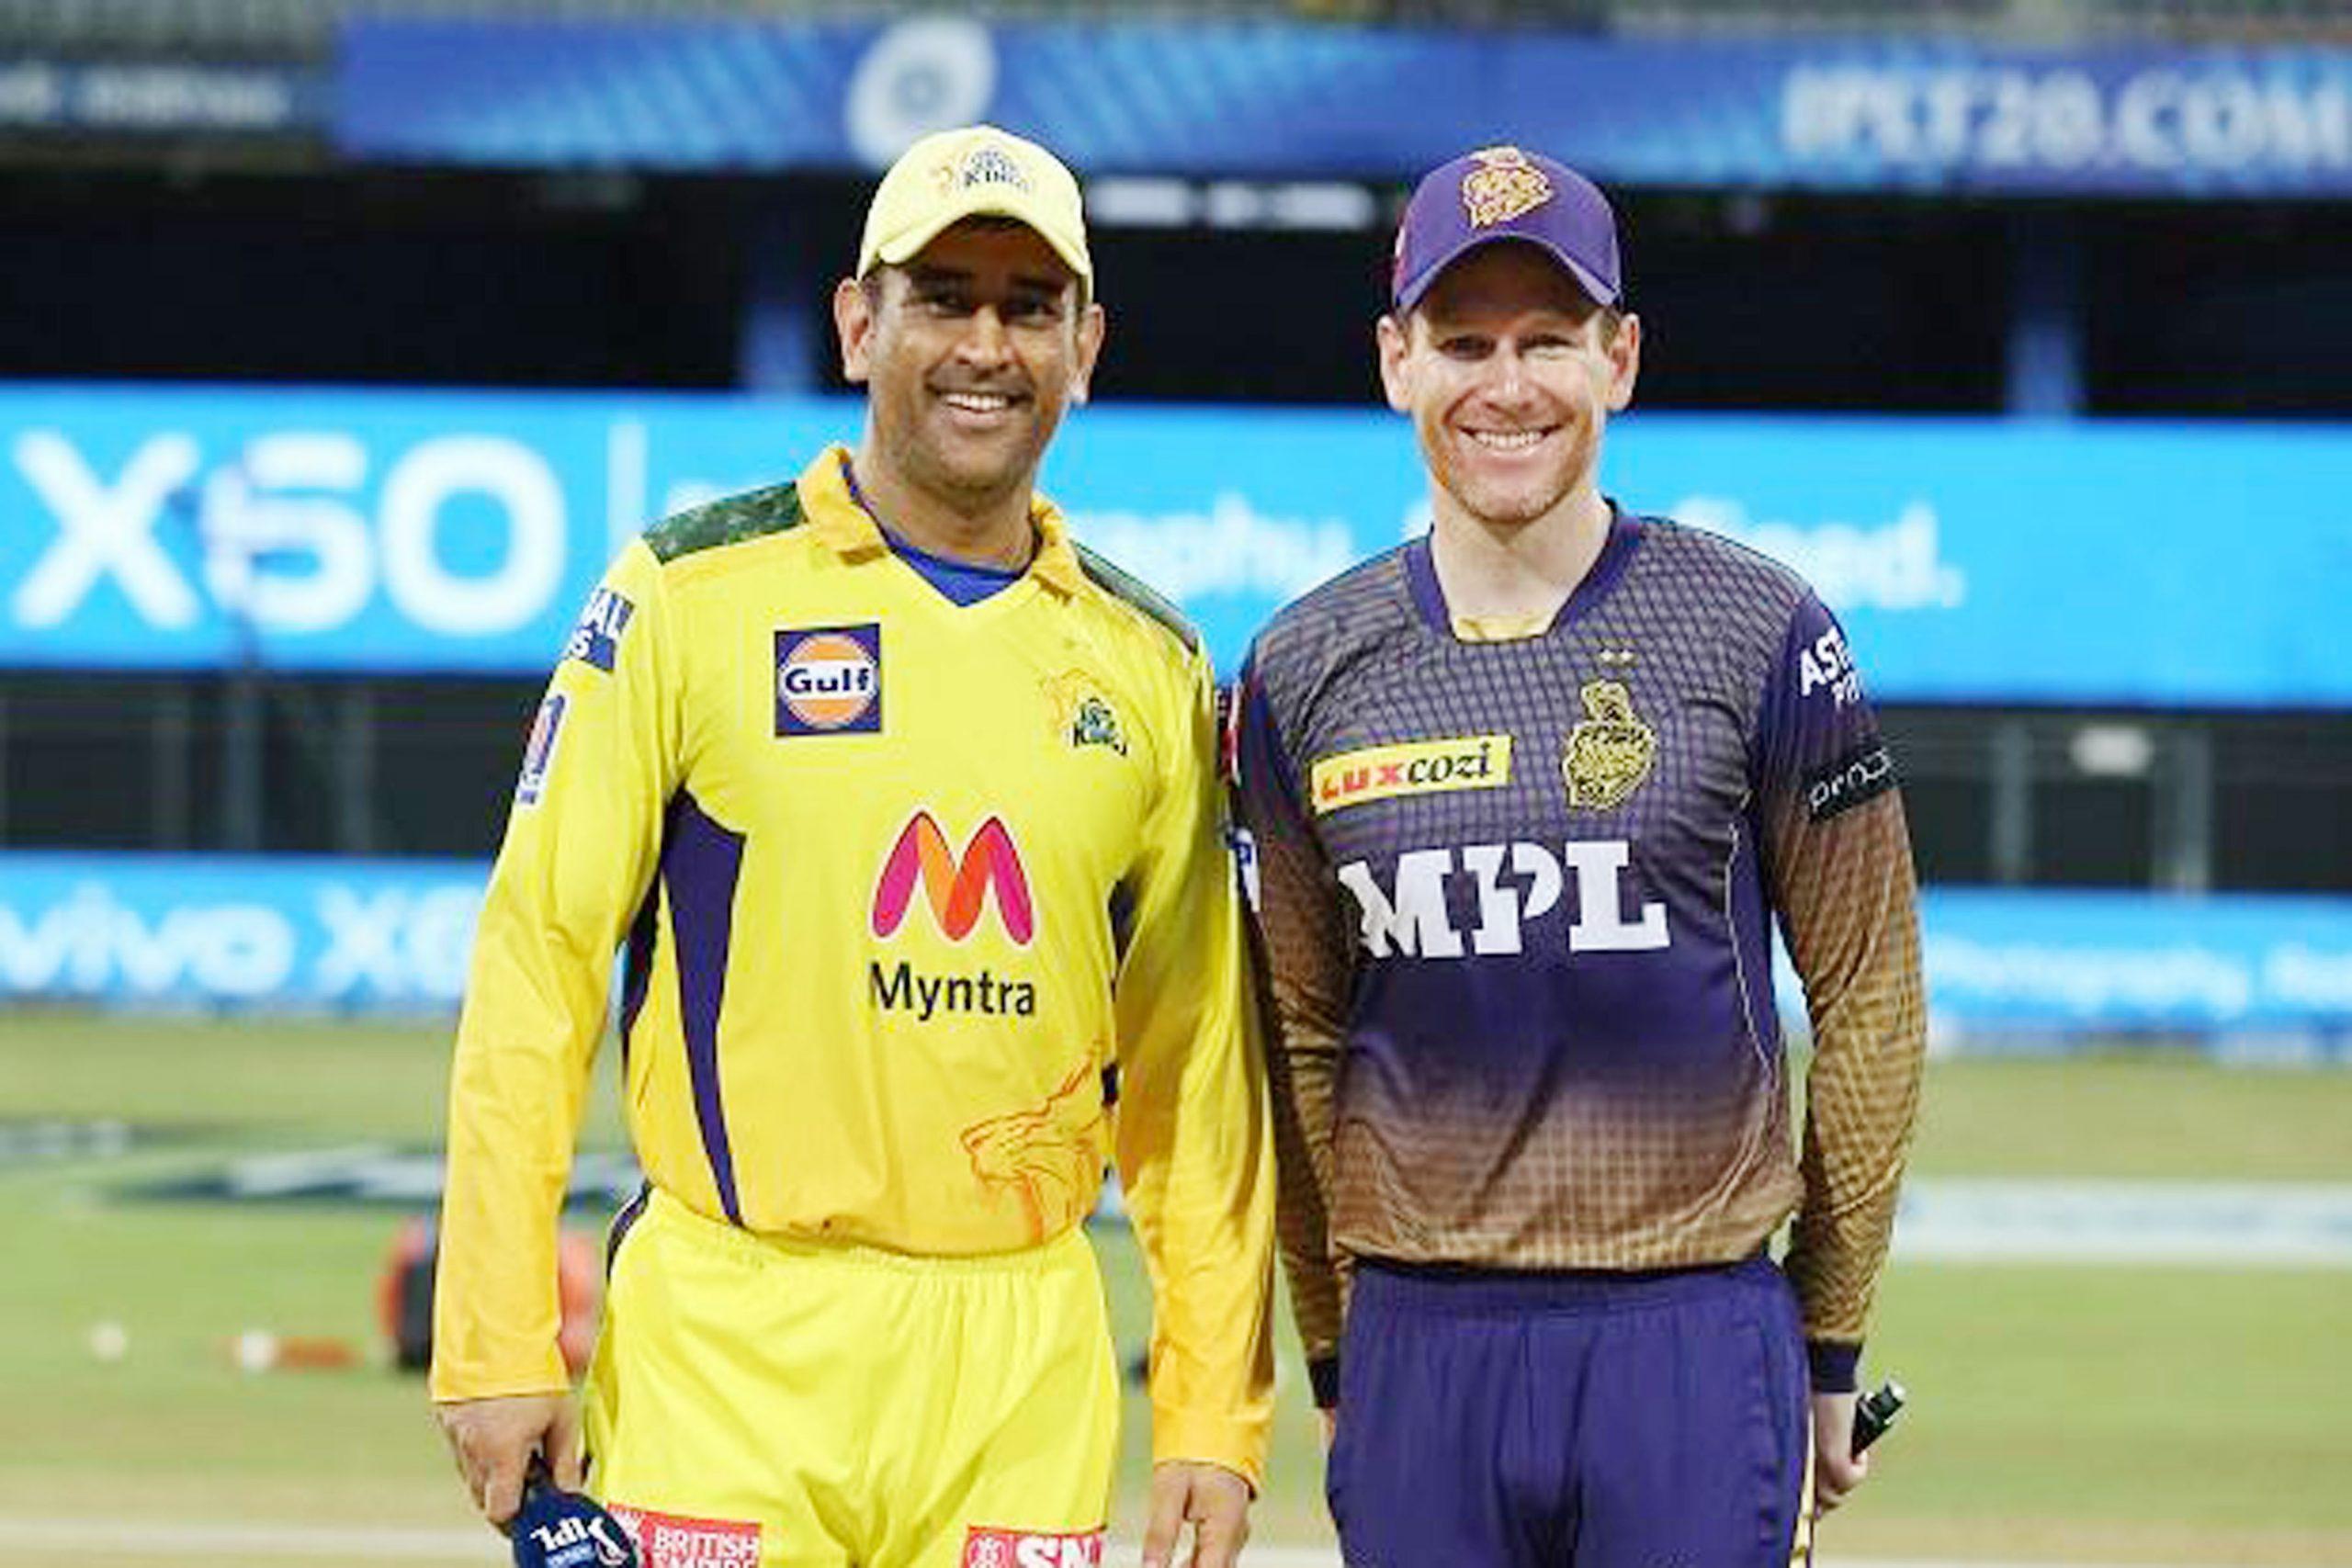 आईपीएल क्रिकेटको फाइनल खेल आज : चेन्नयी र कोलकत्ता भिड्दै